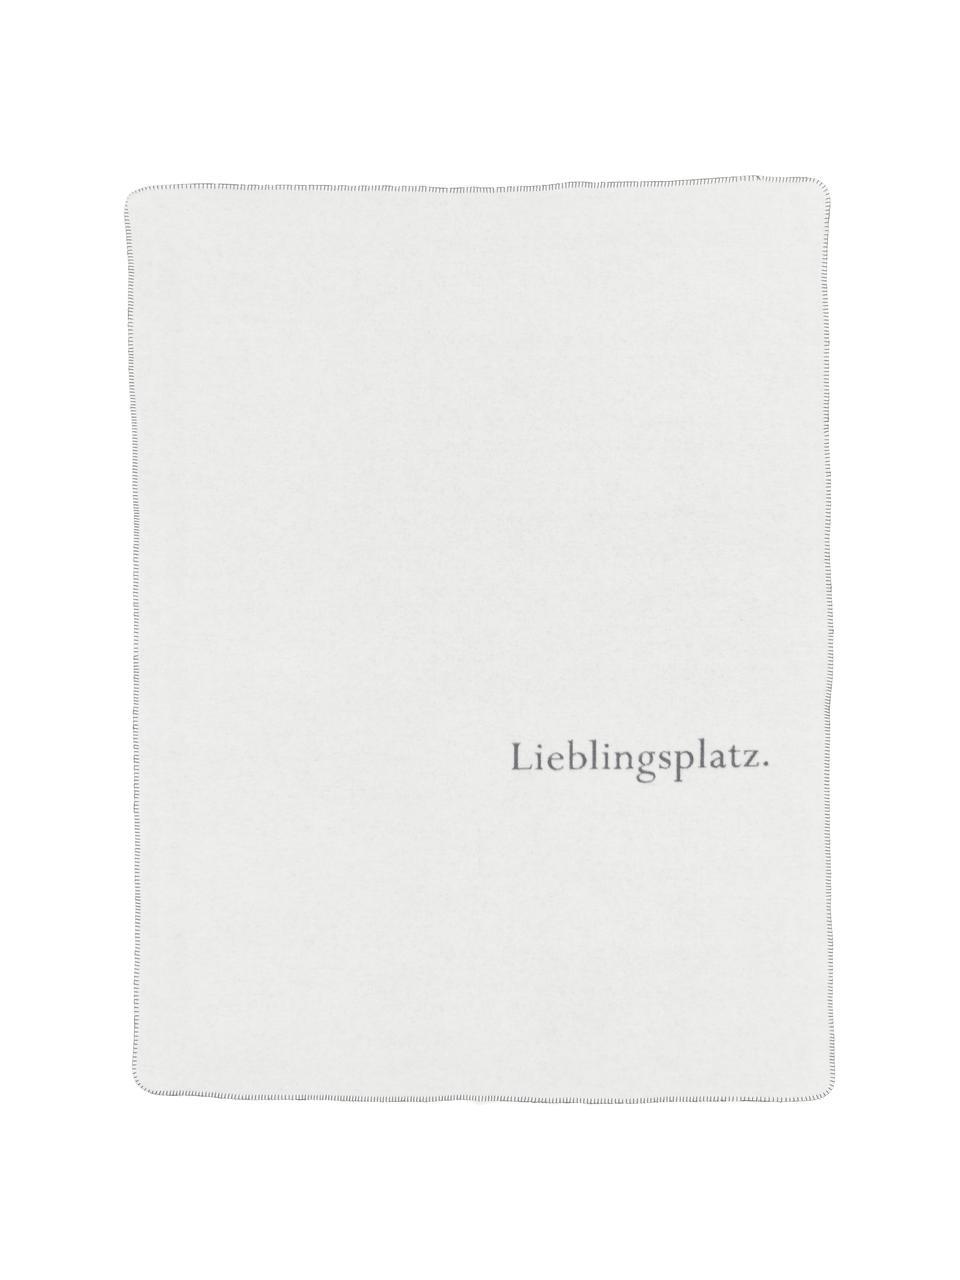 Kuscheldecke Lieblingsplatz mit Aufschrift, 85%Baumwolle, 8%Viskose, 7%Polyacryl, Grau, Weiß, 150 x 200 cm